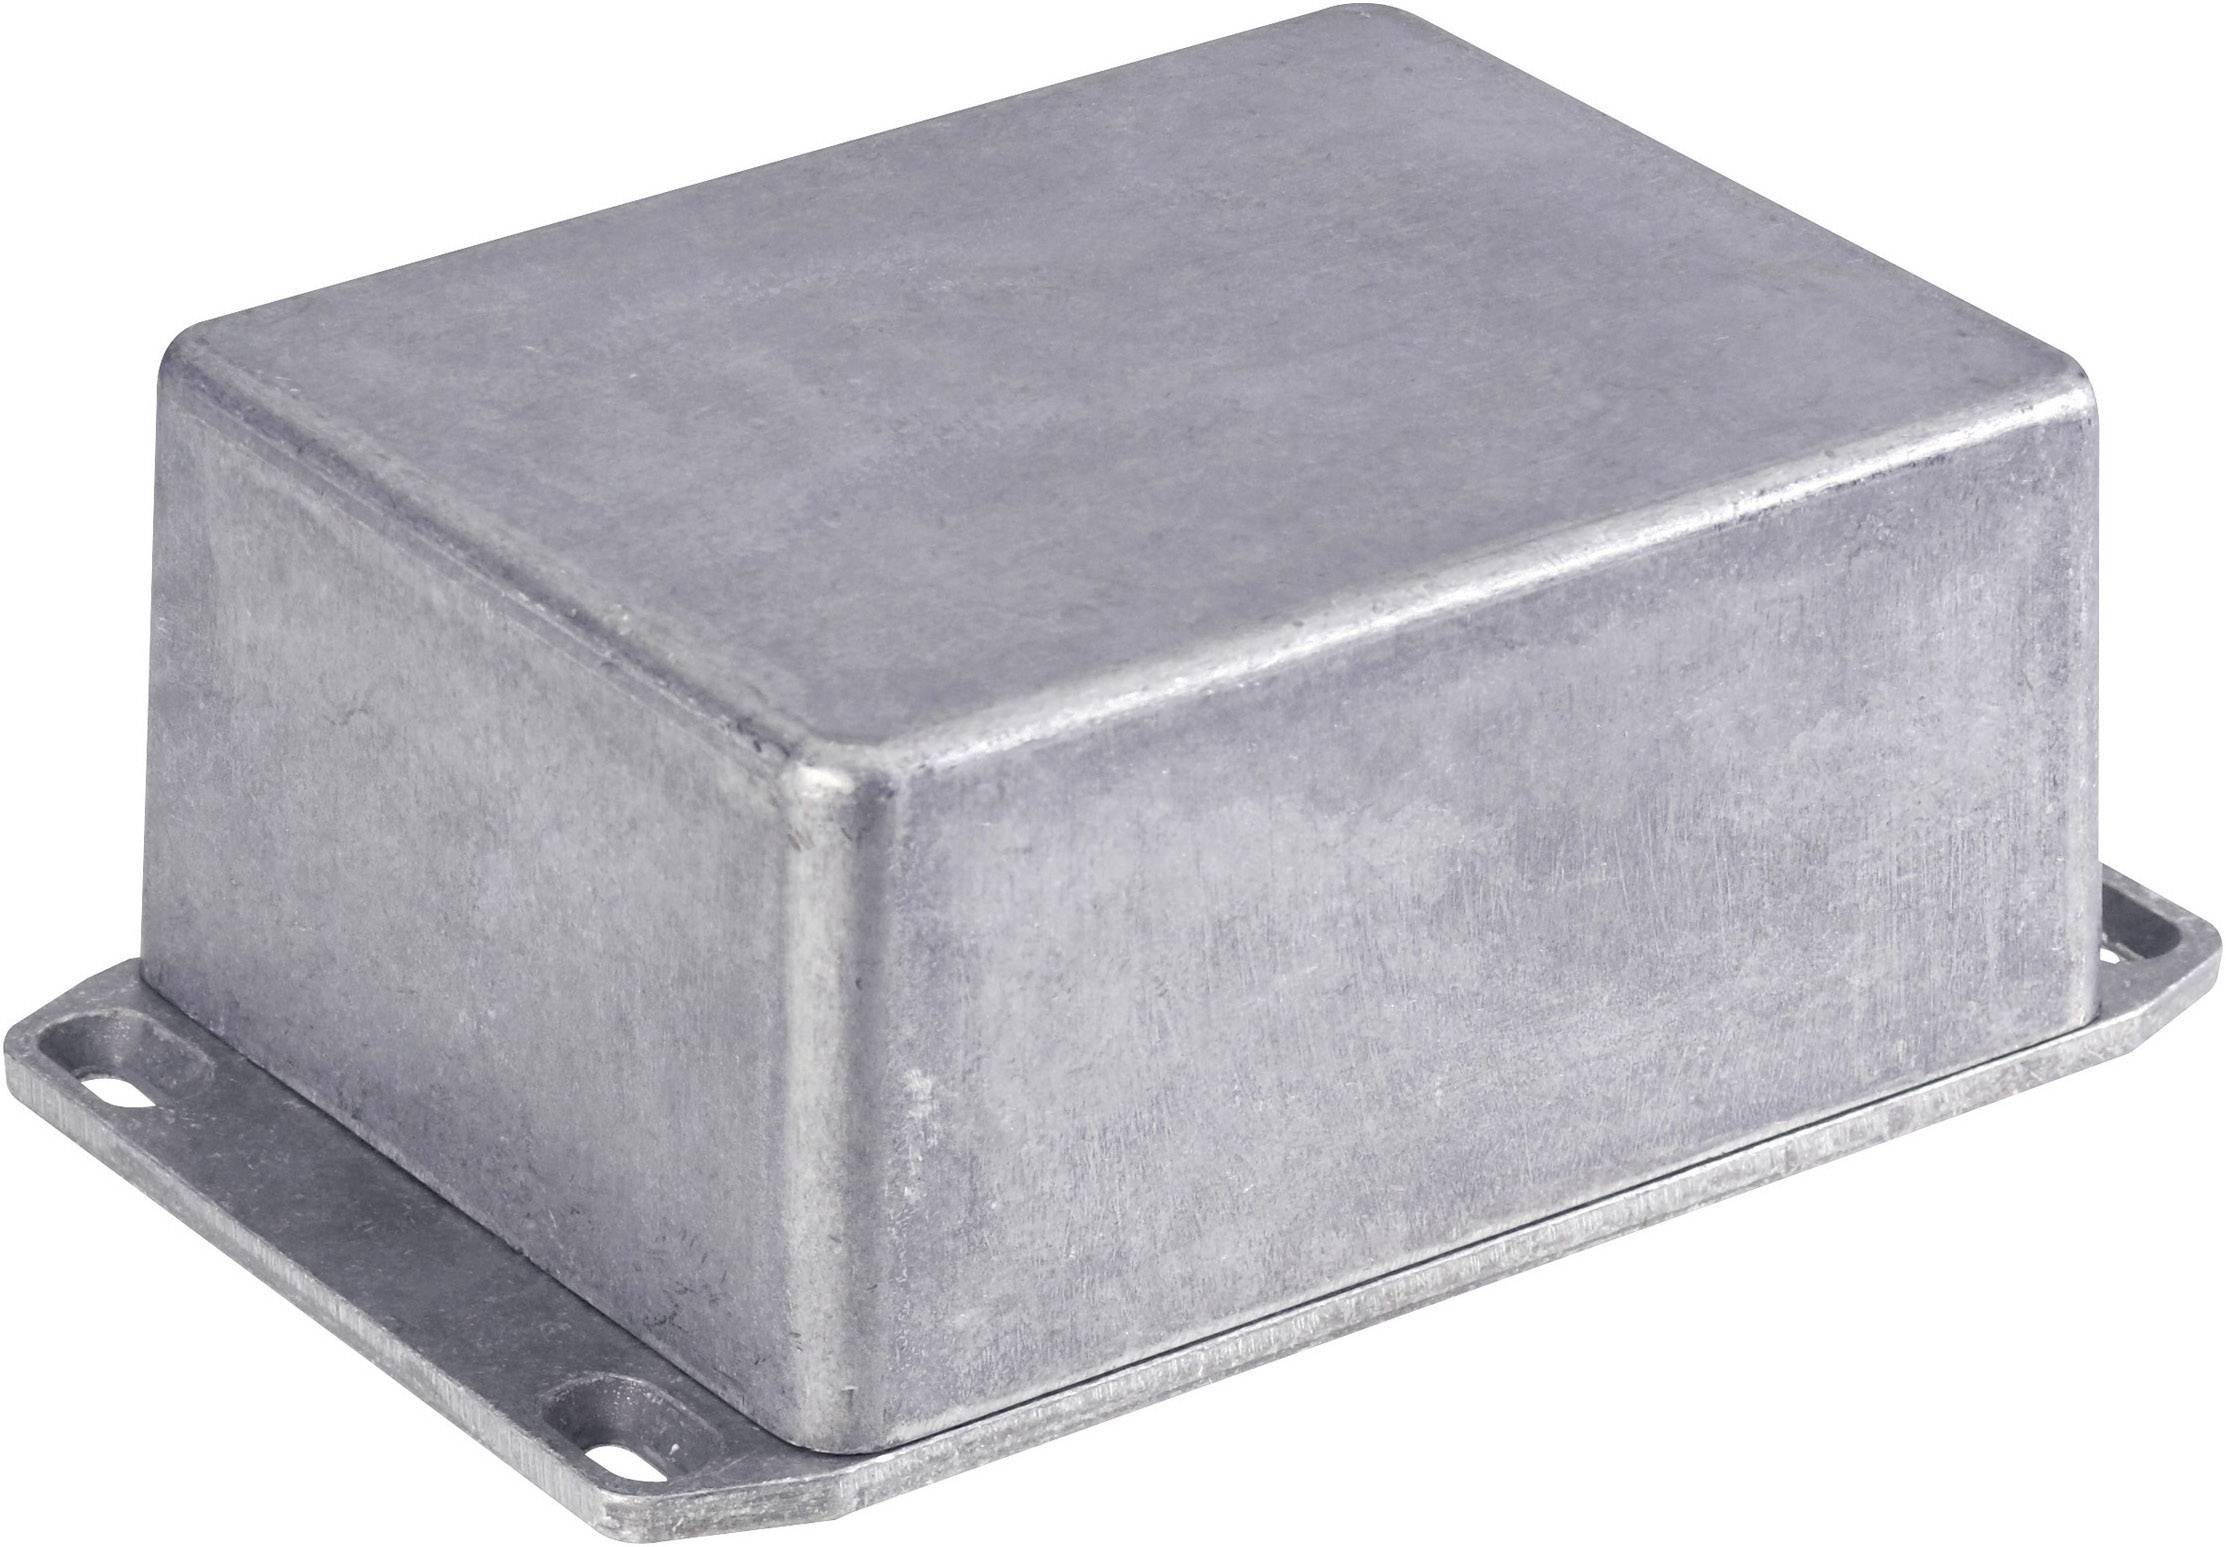 Univerzální pouzdro hliník Hammond Electronics 1590WXXFLBK 145 x 121 x 39 1 ks